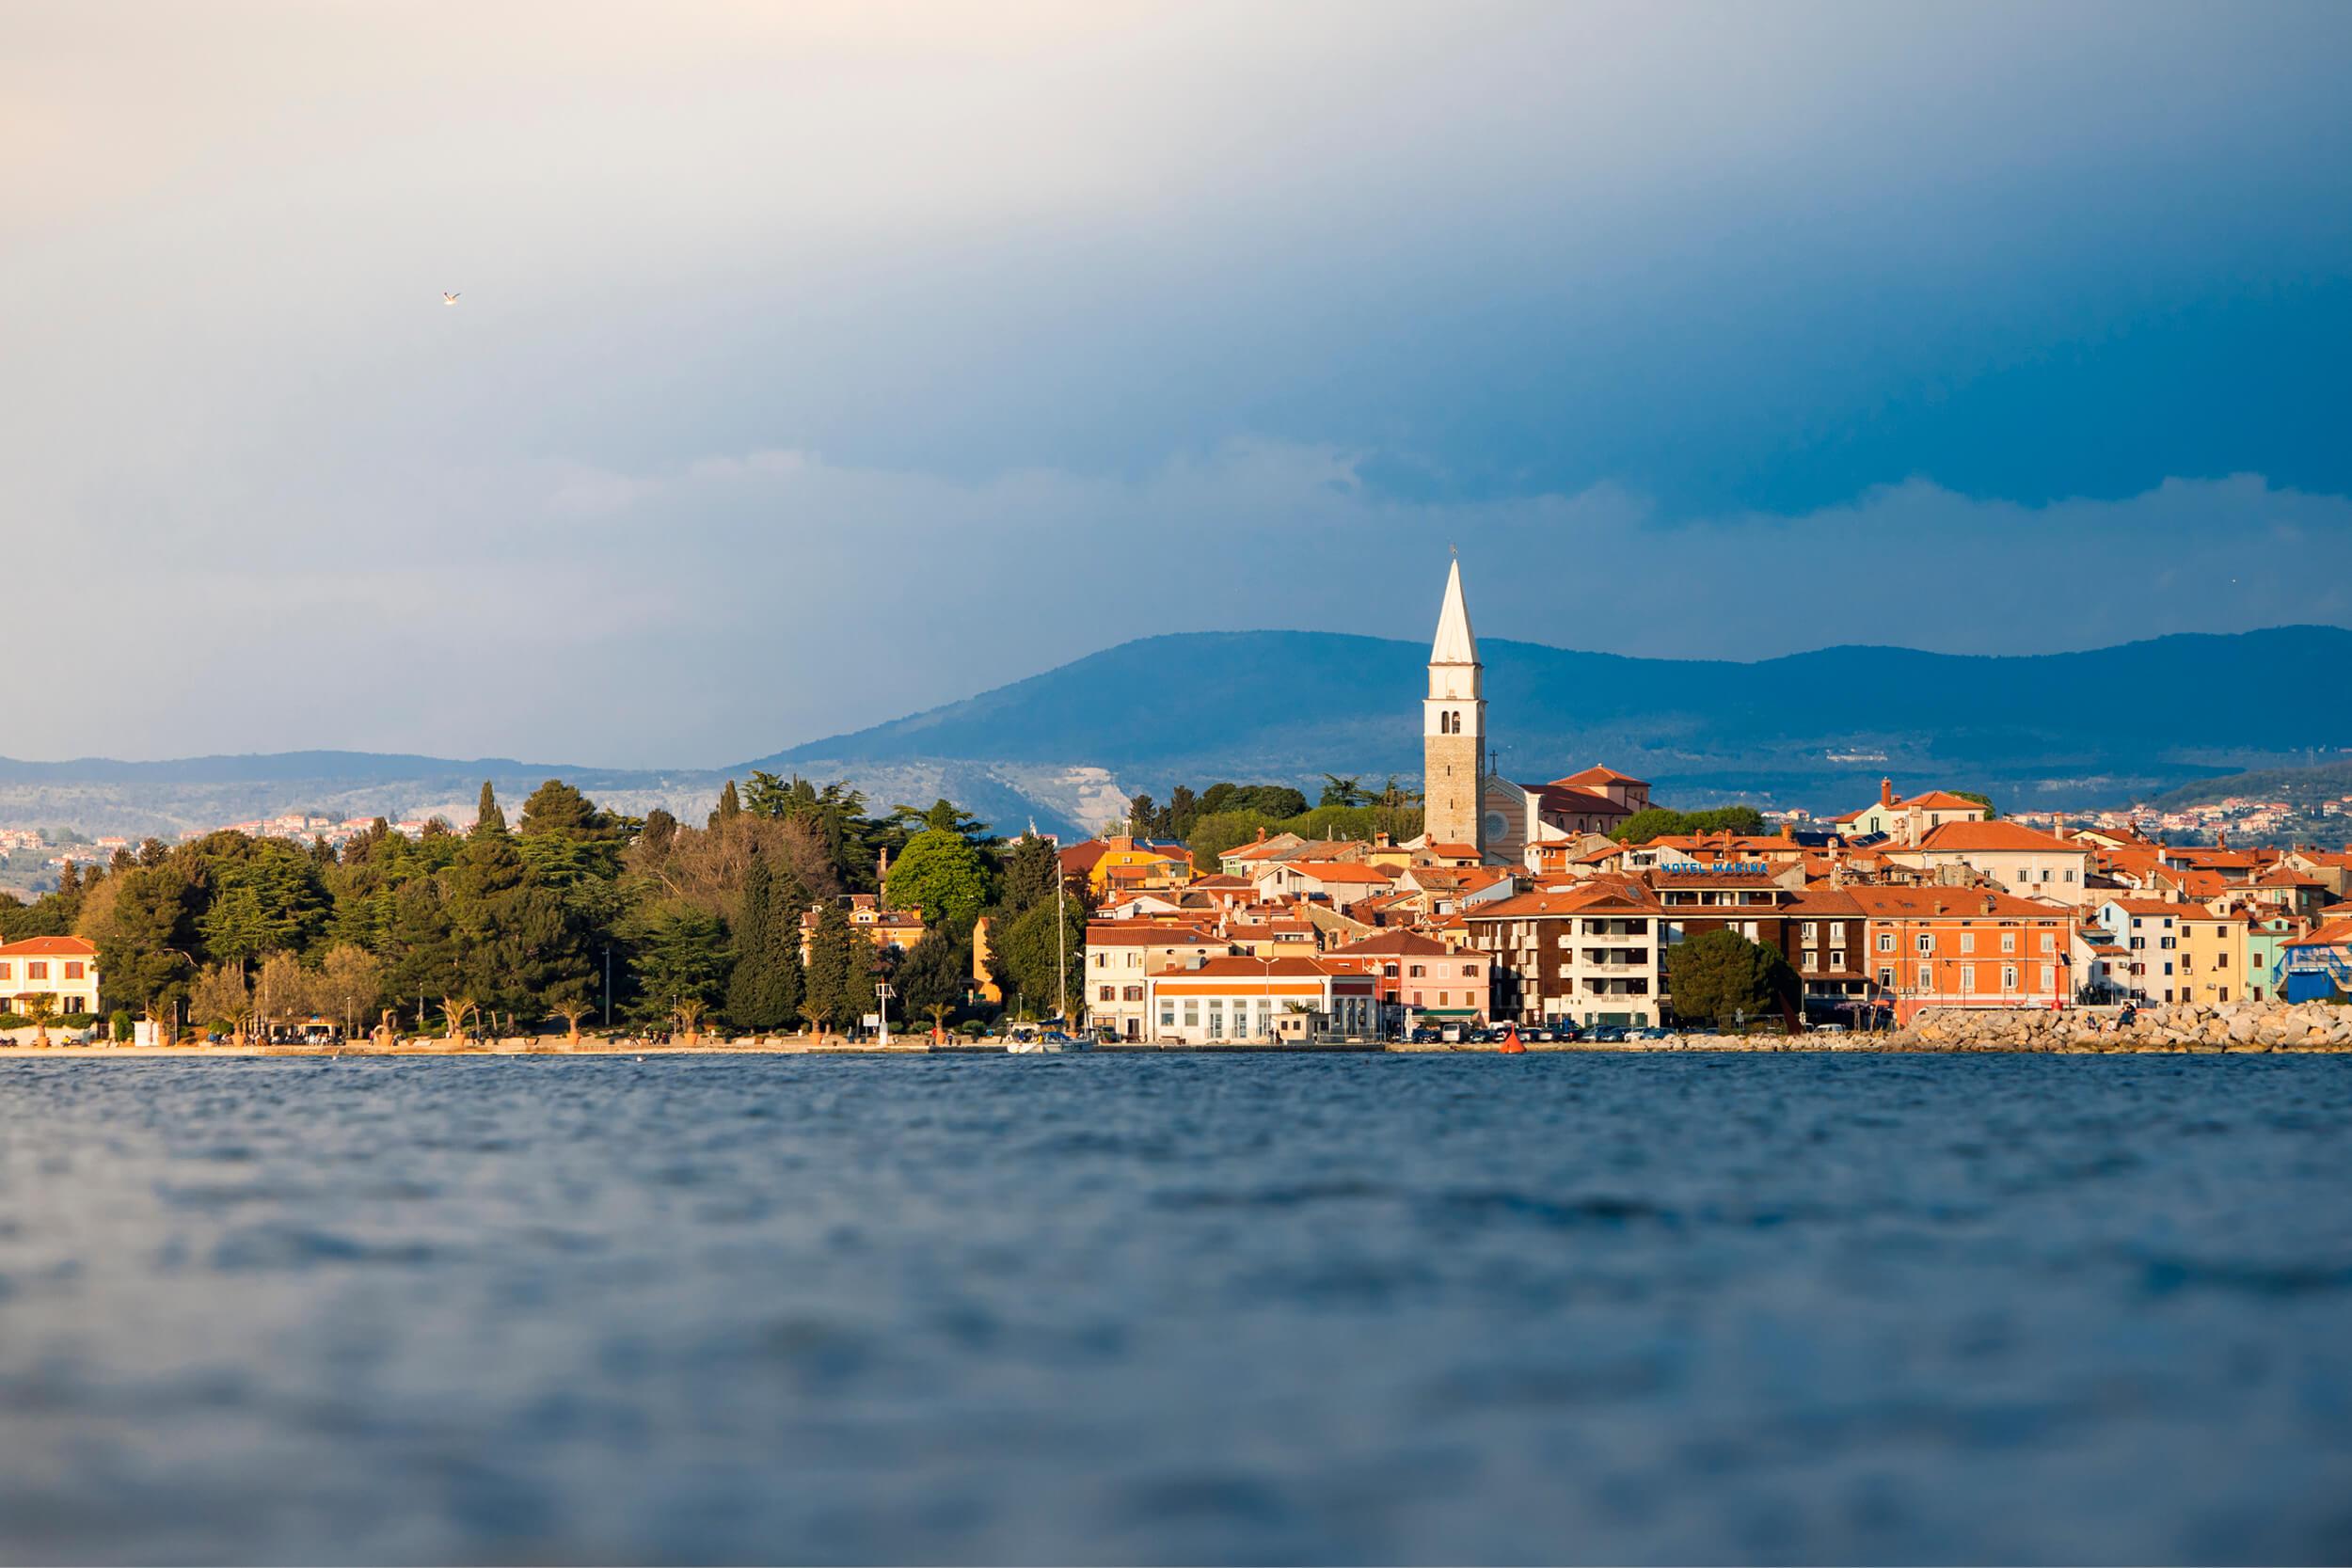 Brezplačna vodenja po jesenski Istri - po obali in zaledju